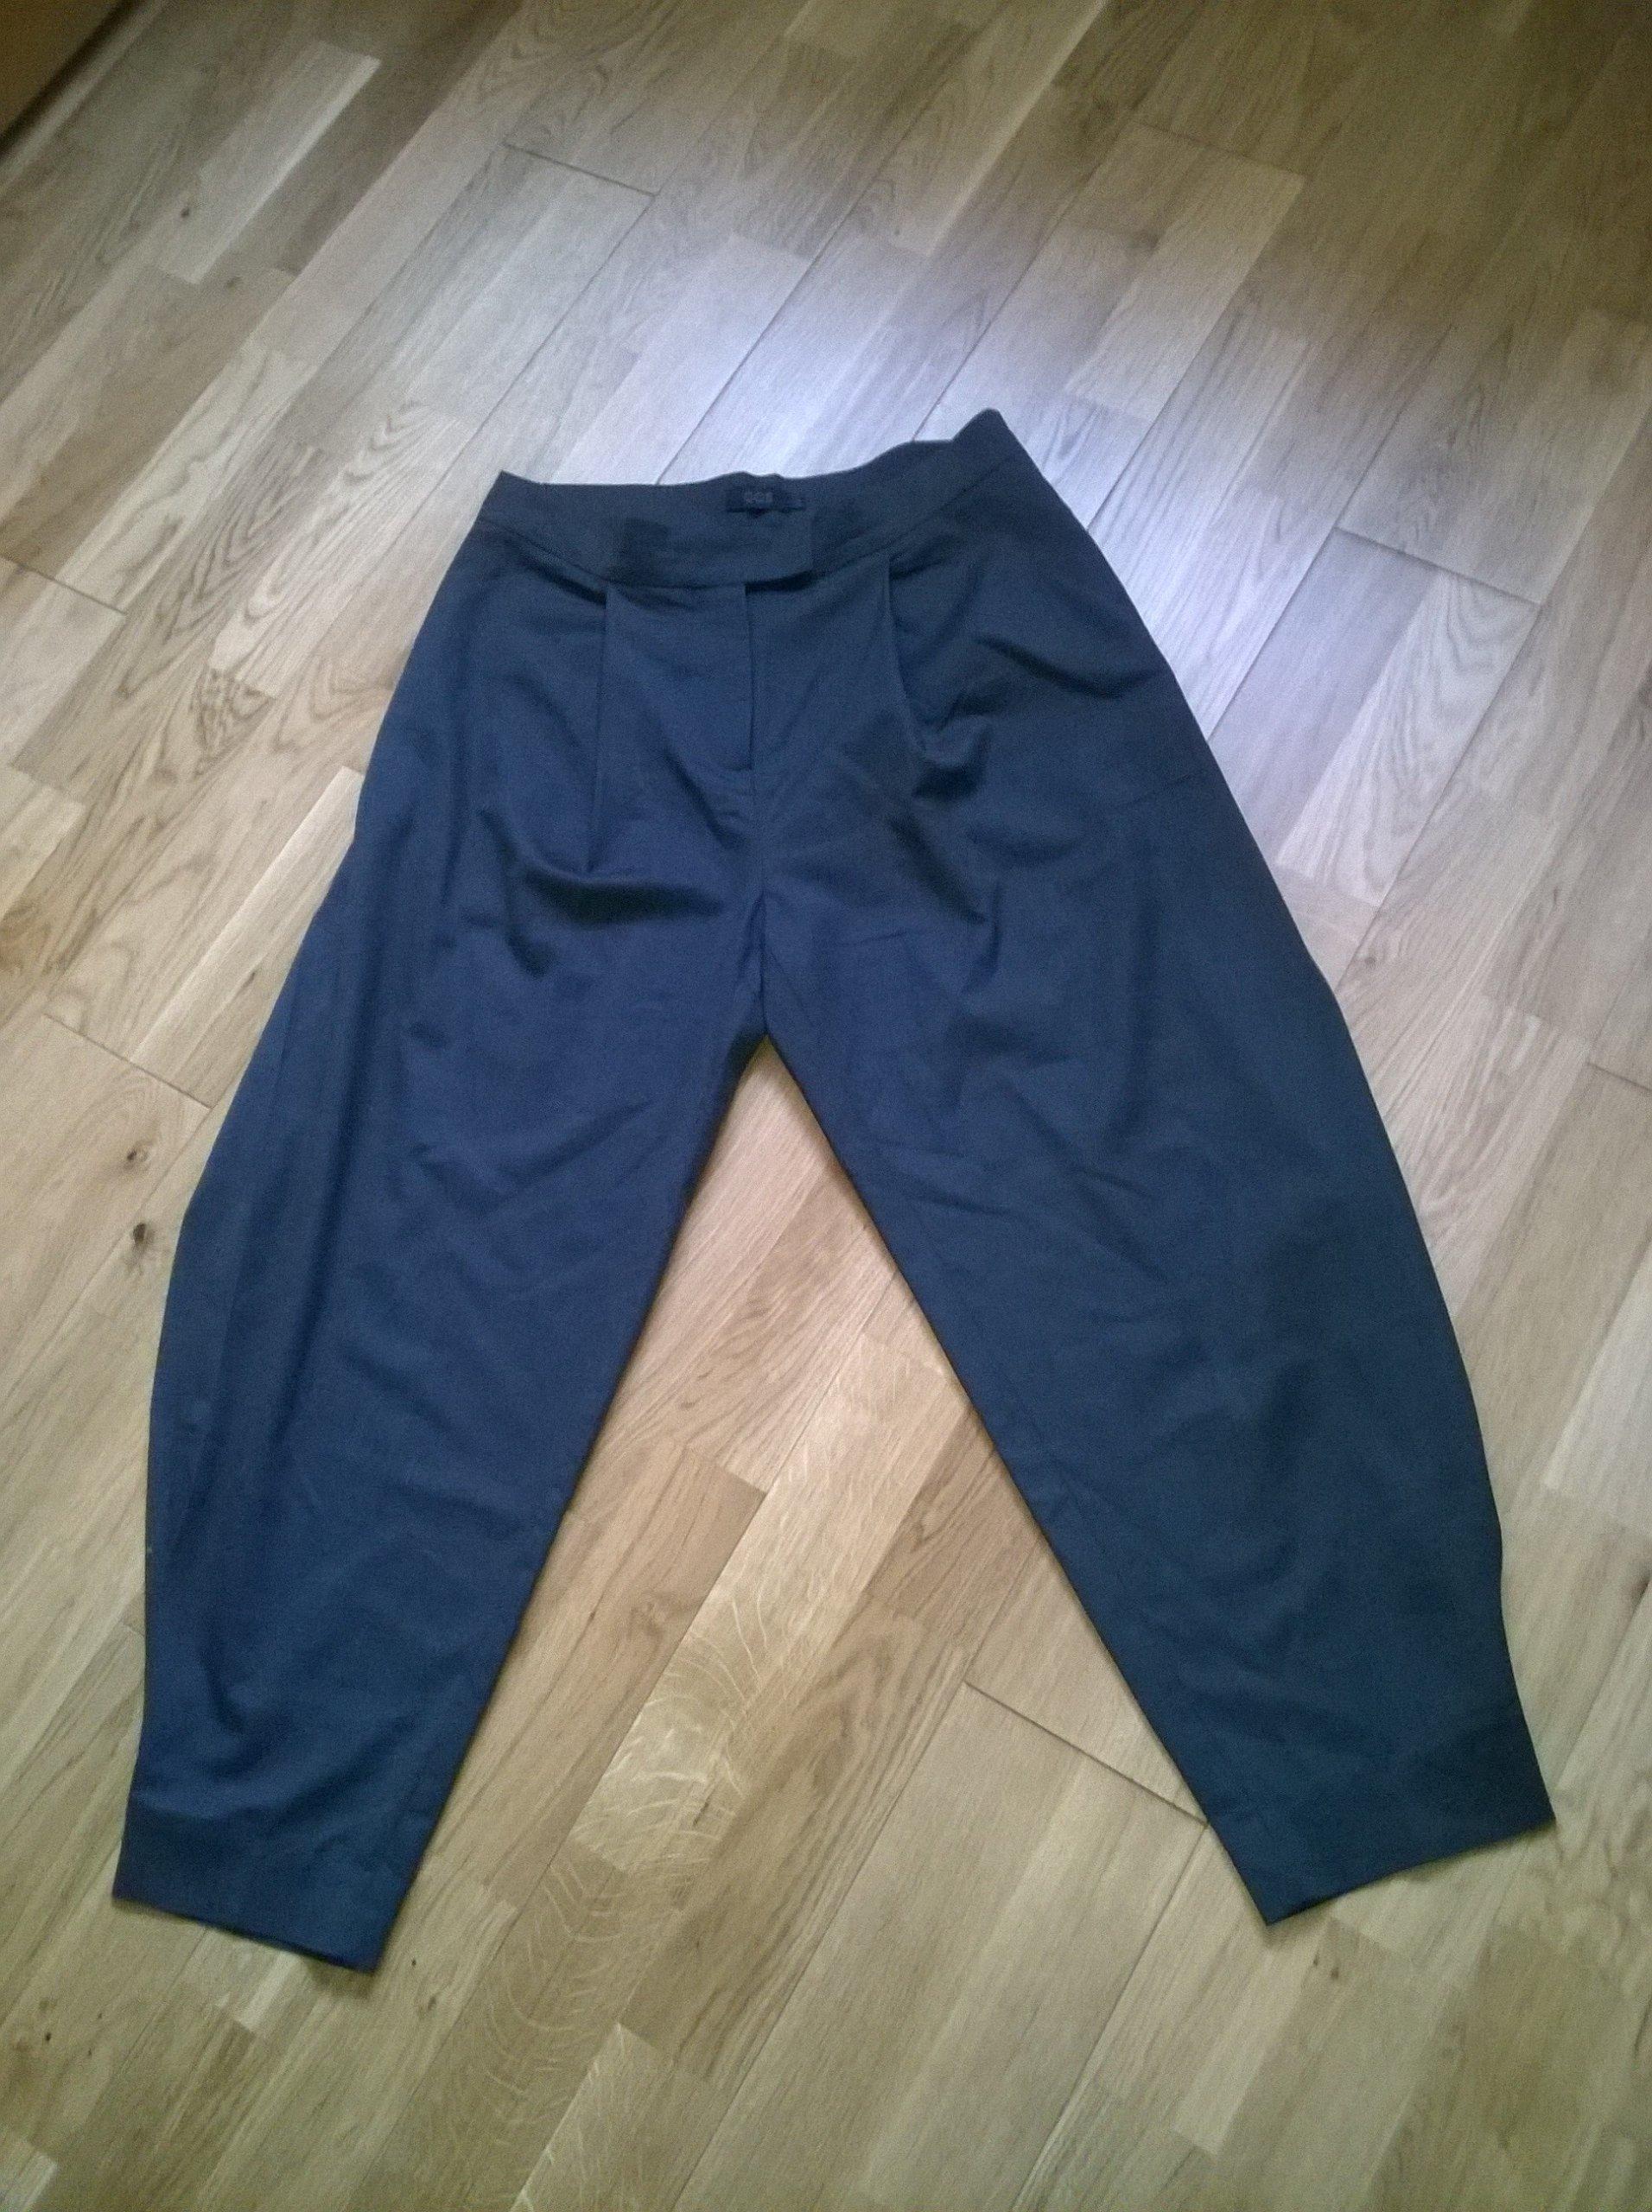 8407adf178 COS spodnie casual 36 a la bryczesy - 7075625291 - oficjalne ...